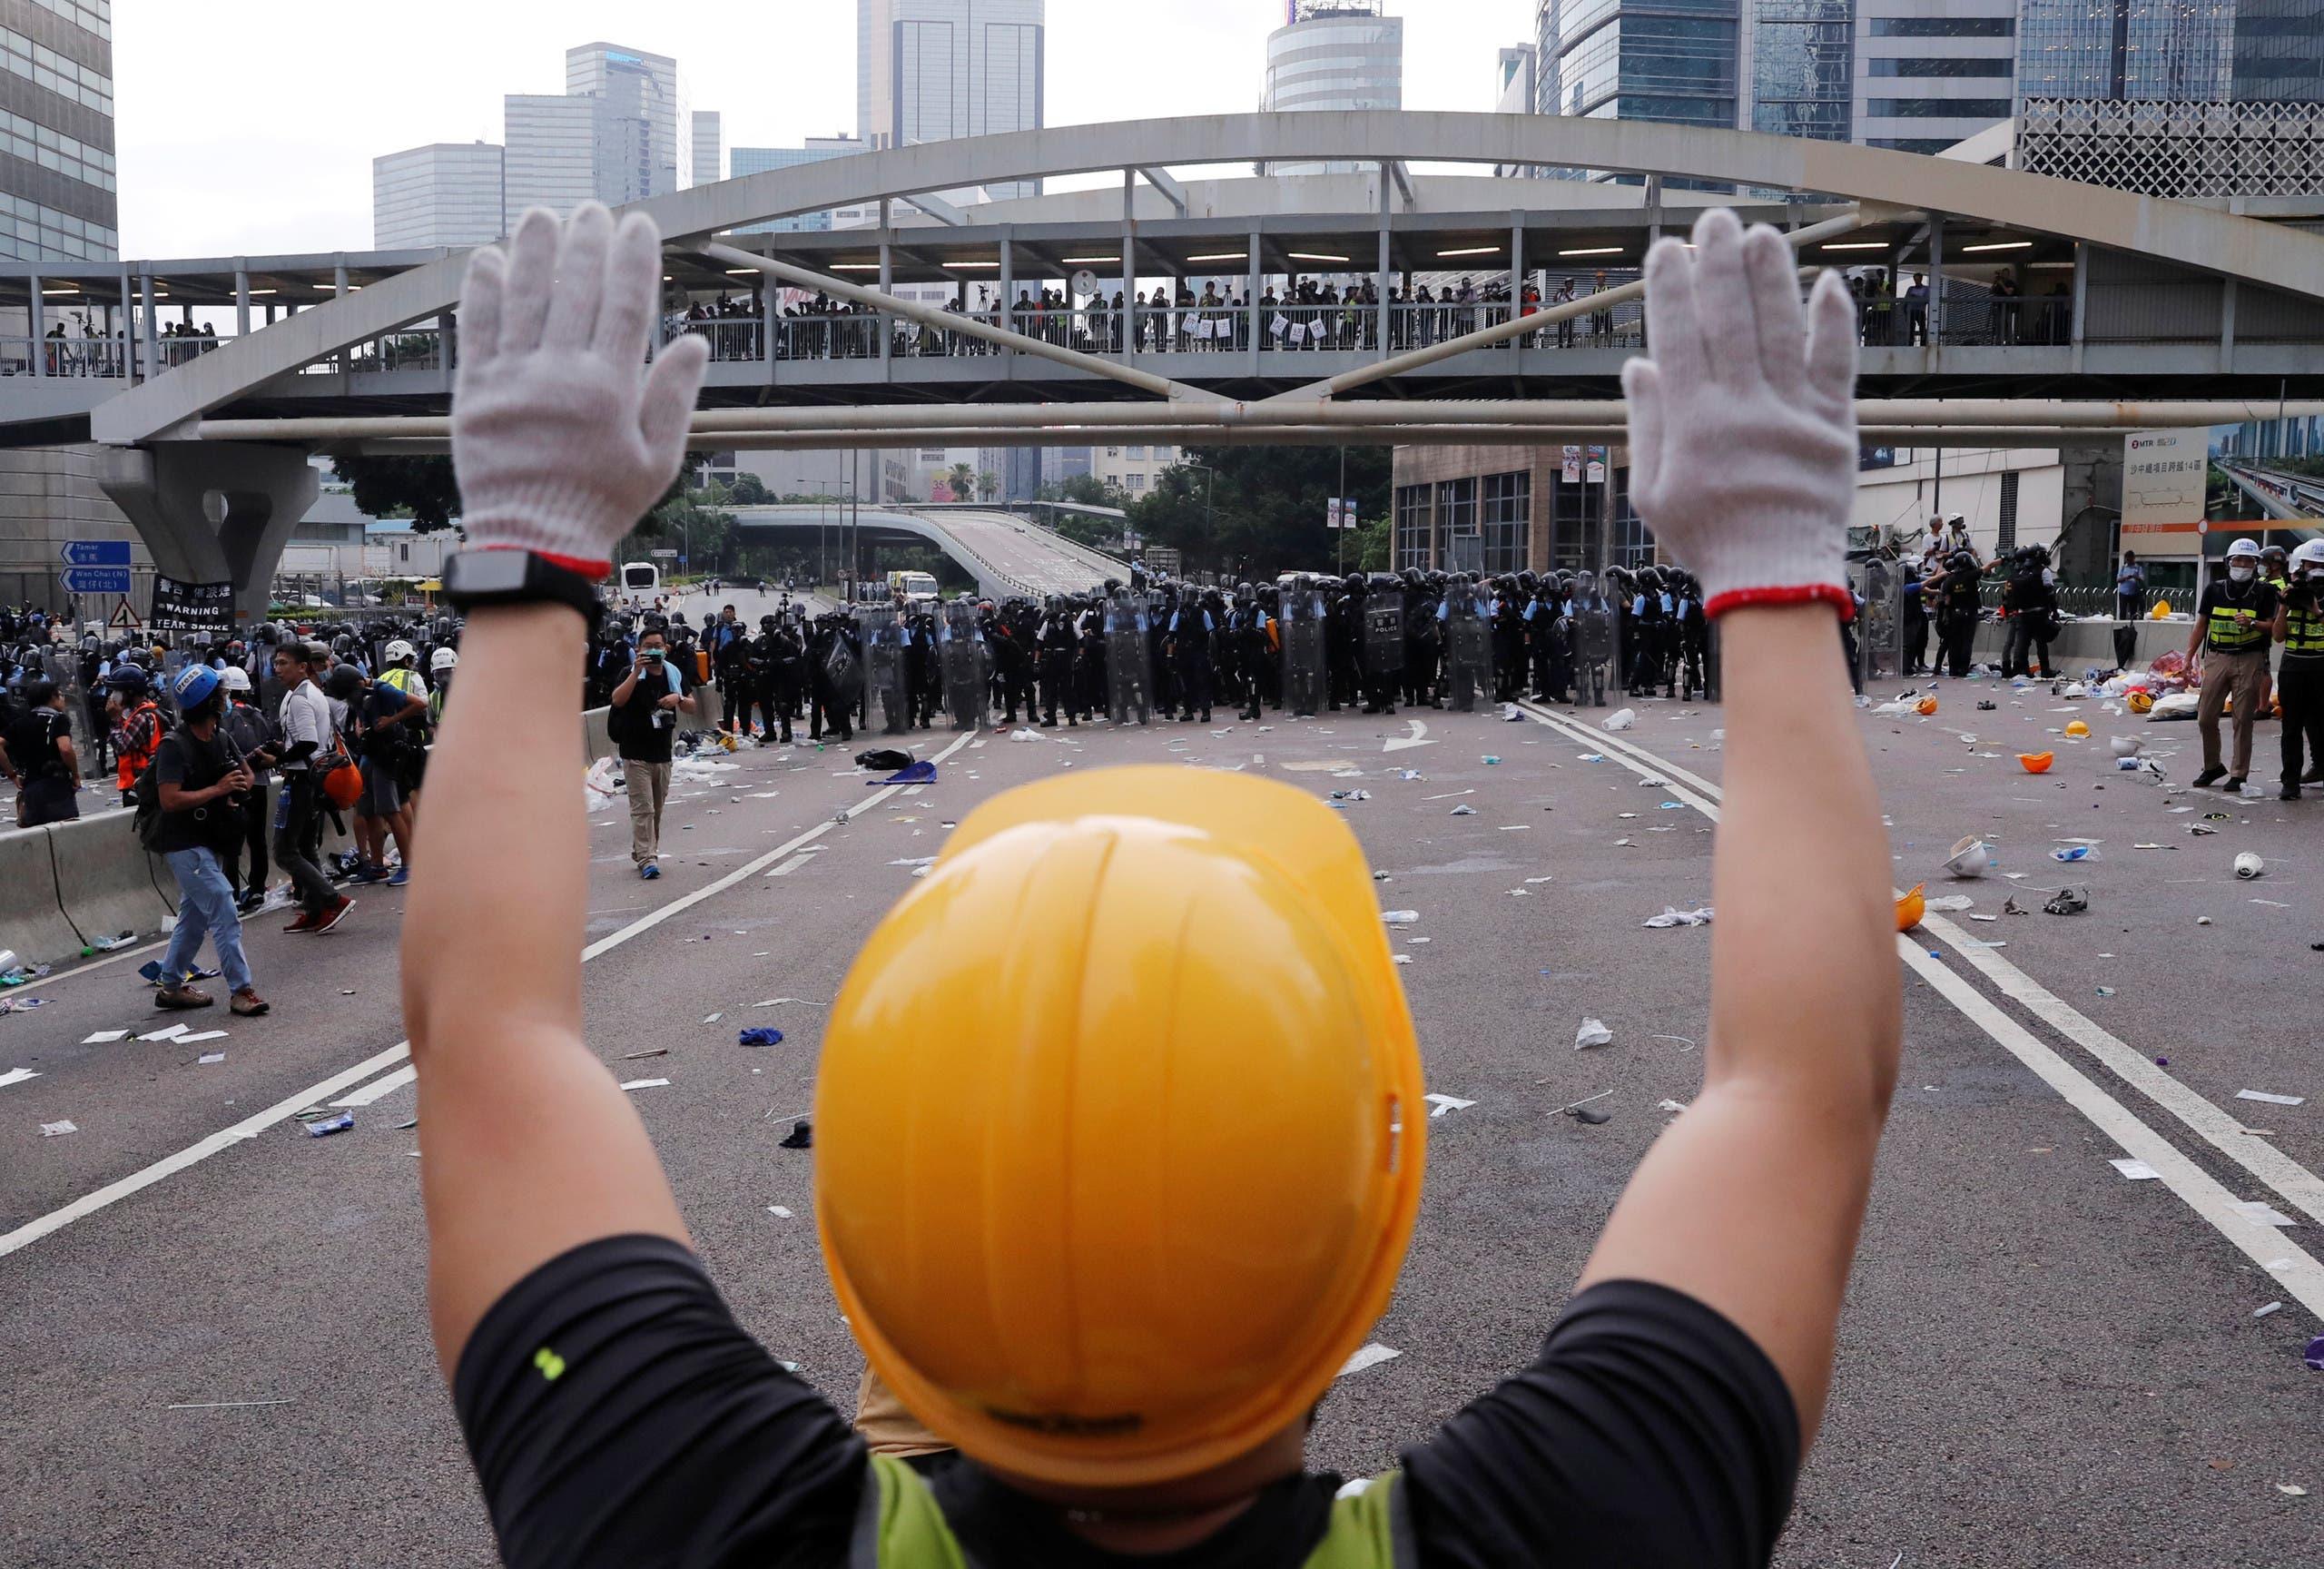 متظاهر يرفع يده عند المغادرة